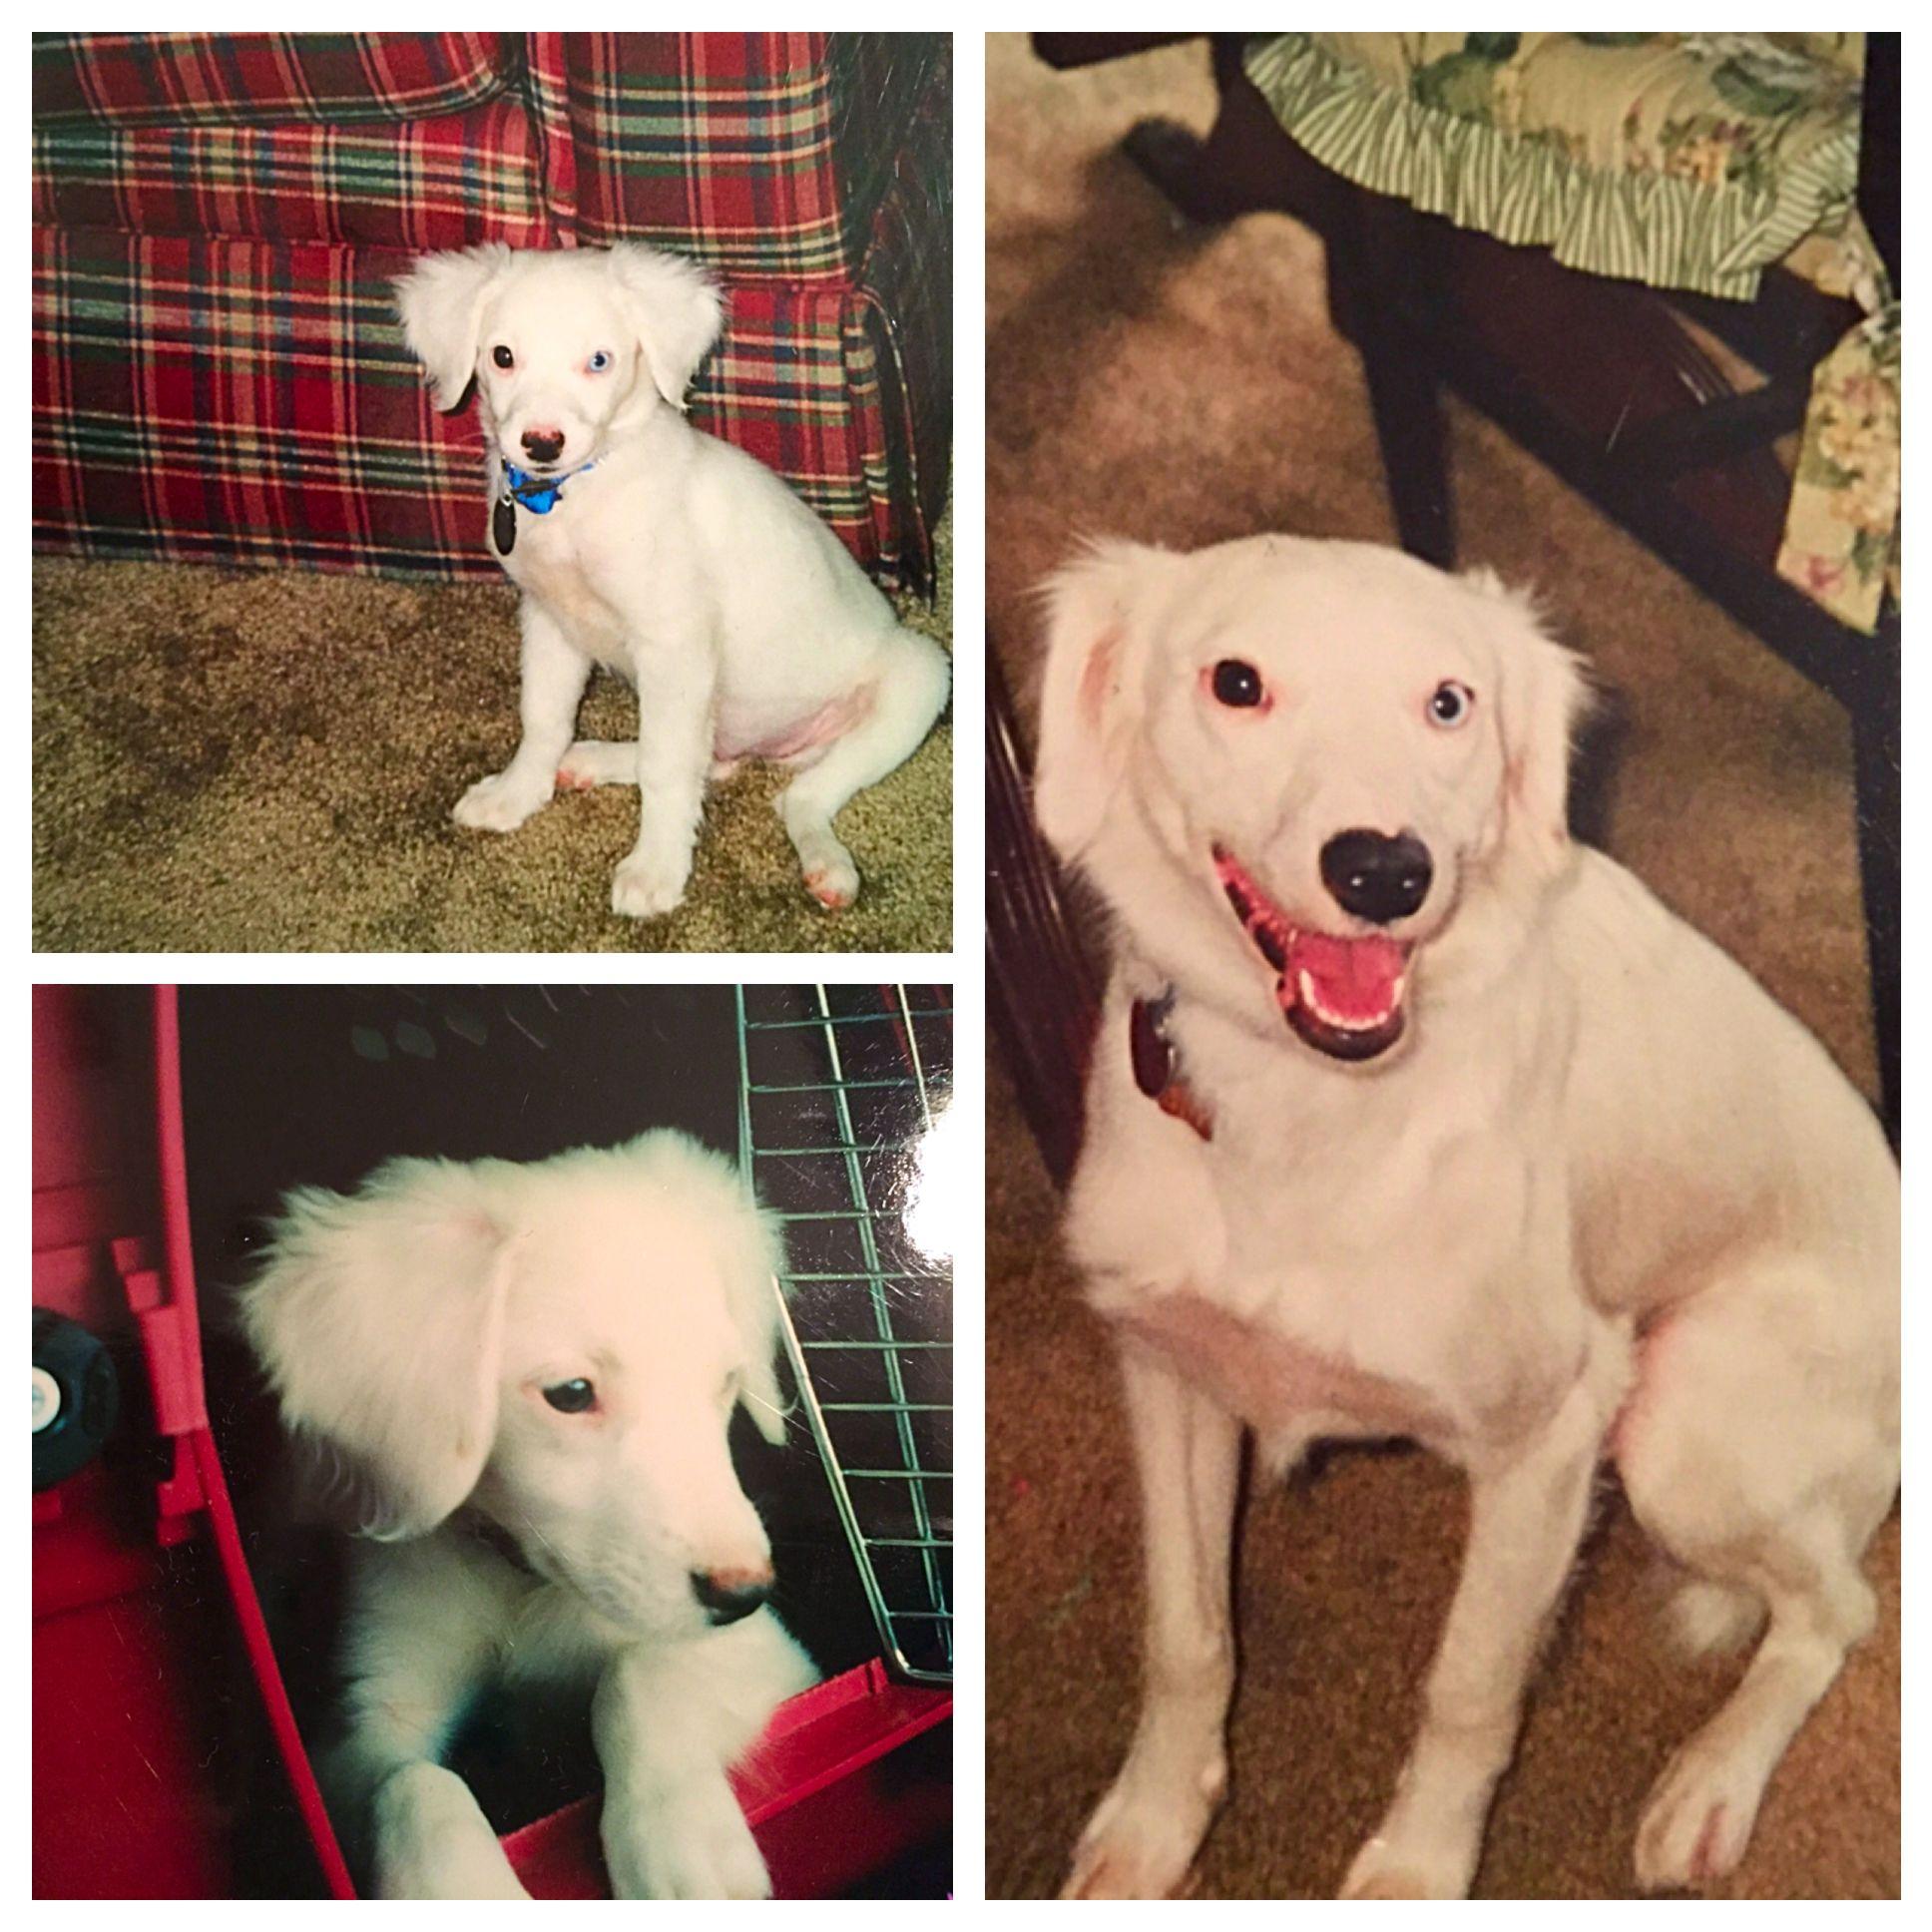 #poundpuppylove 15 years together, still my puppy